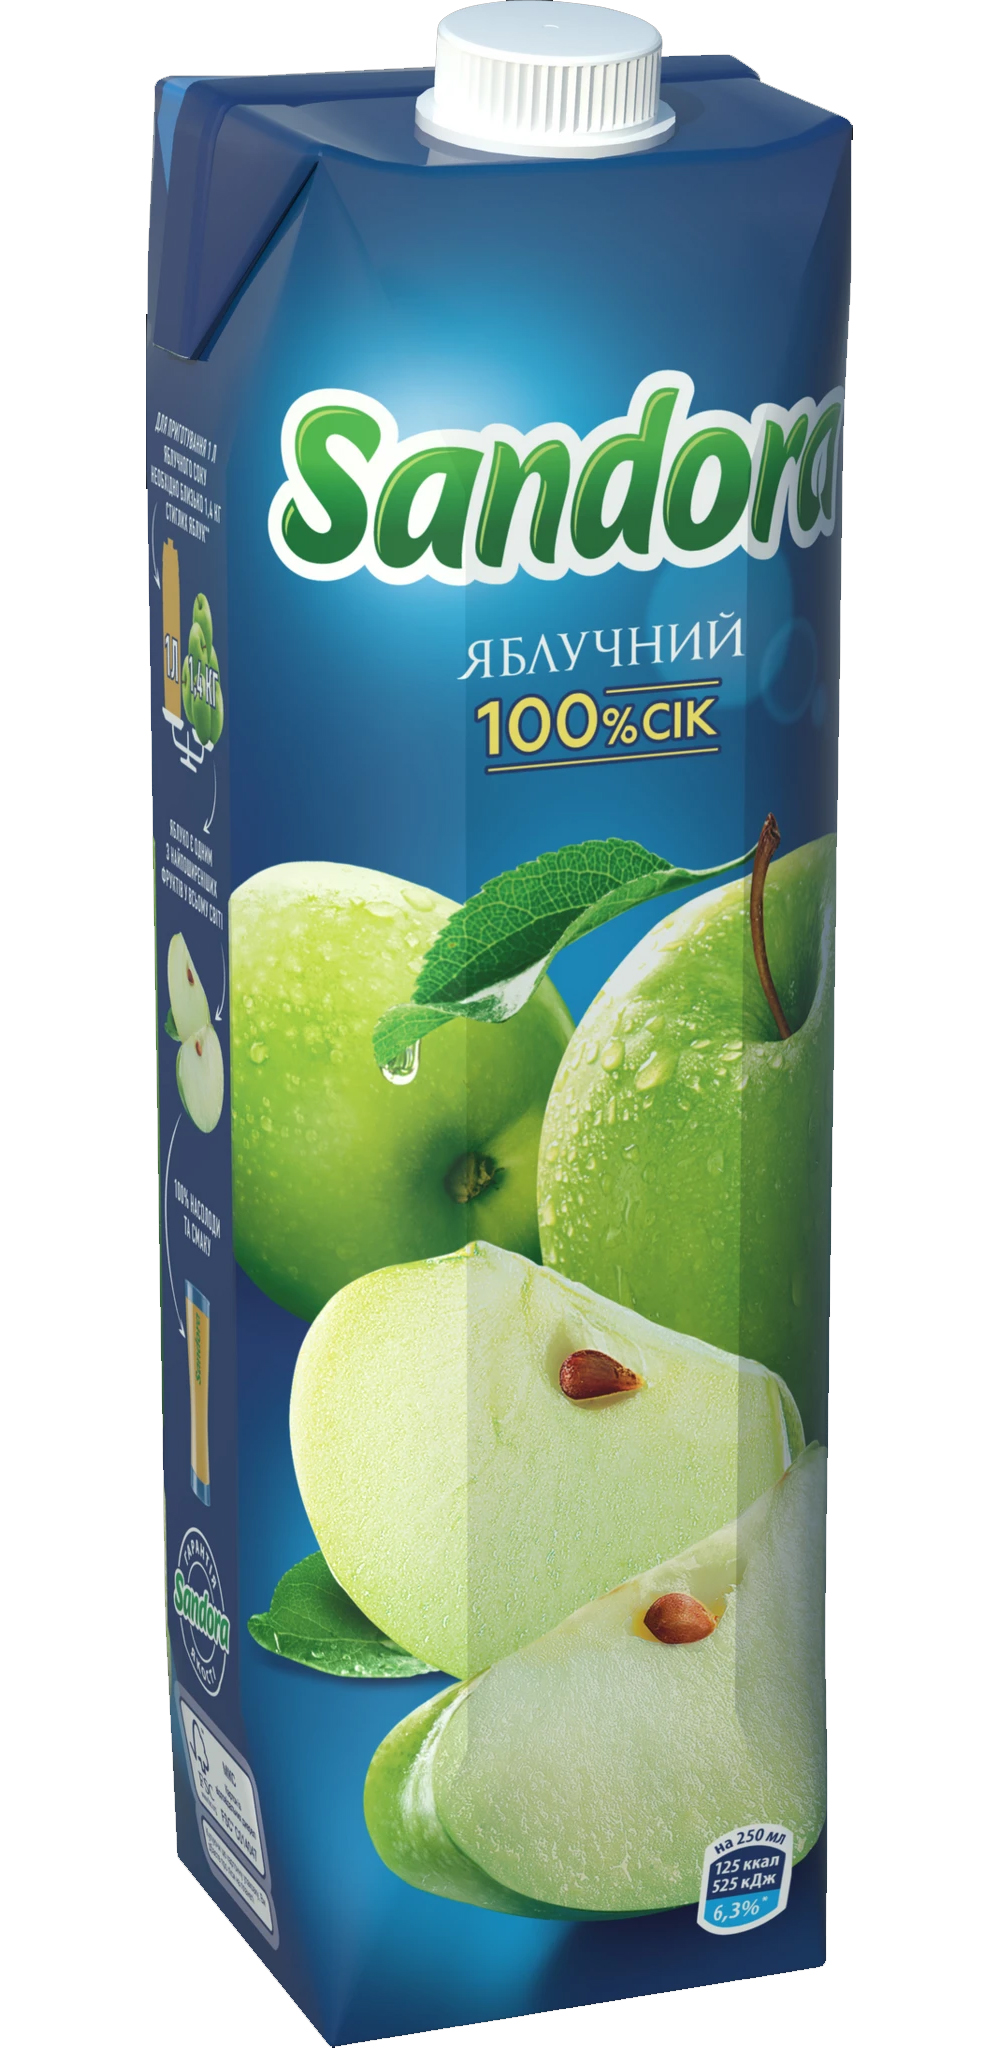 Сок Яблочный 0,95л. Сандора - фото 1